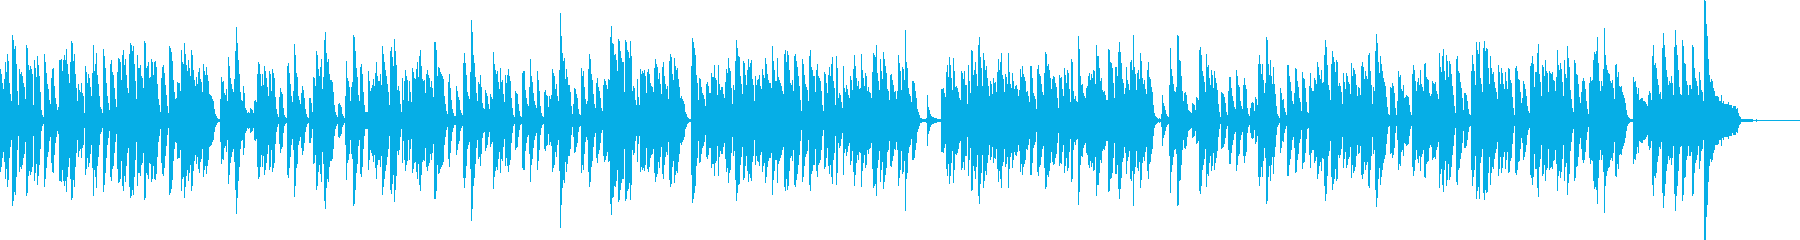 明るいラグタイム・普通のピアノの再生済みの波形